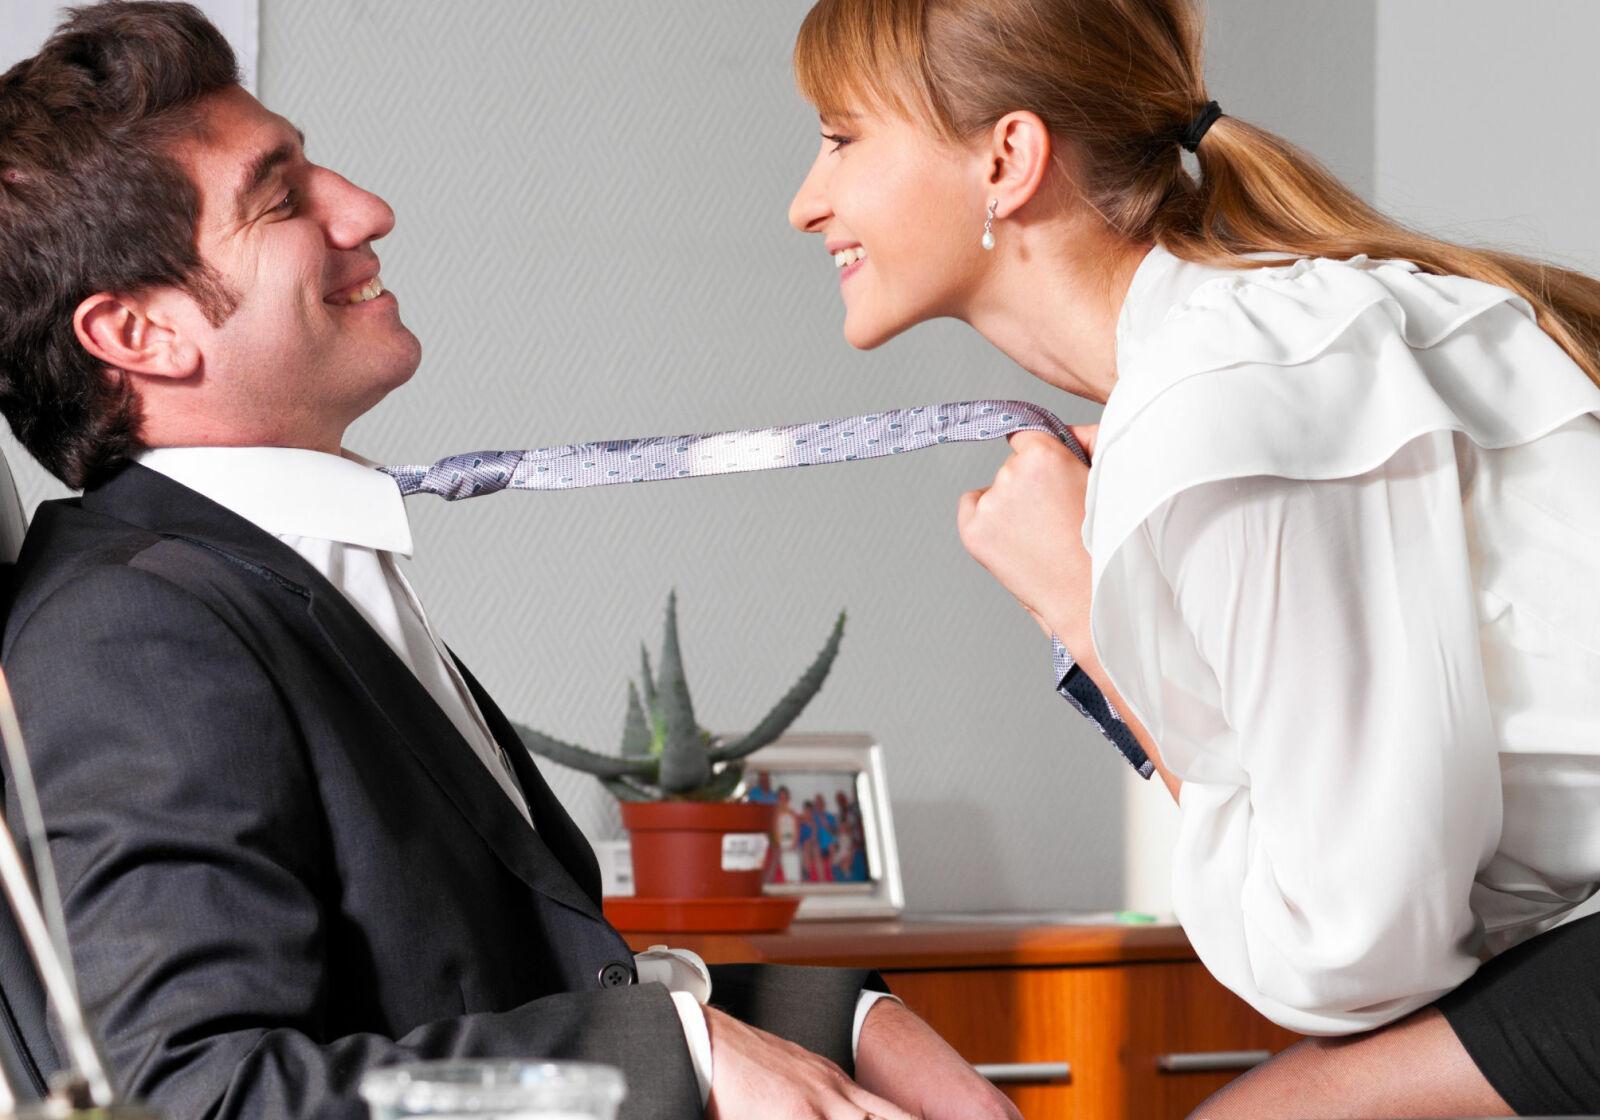 Студентка соблазняет парня, Сисястая русская студентка соблазнила парня на секс 15 фотография